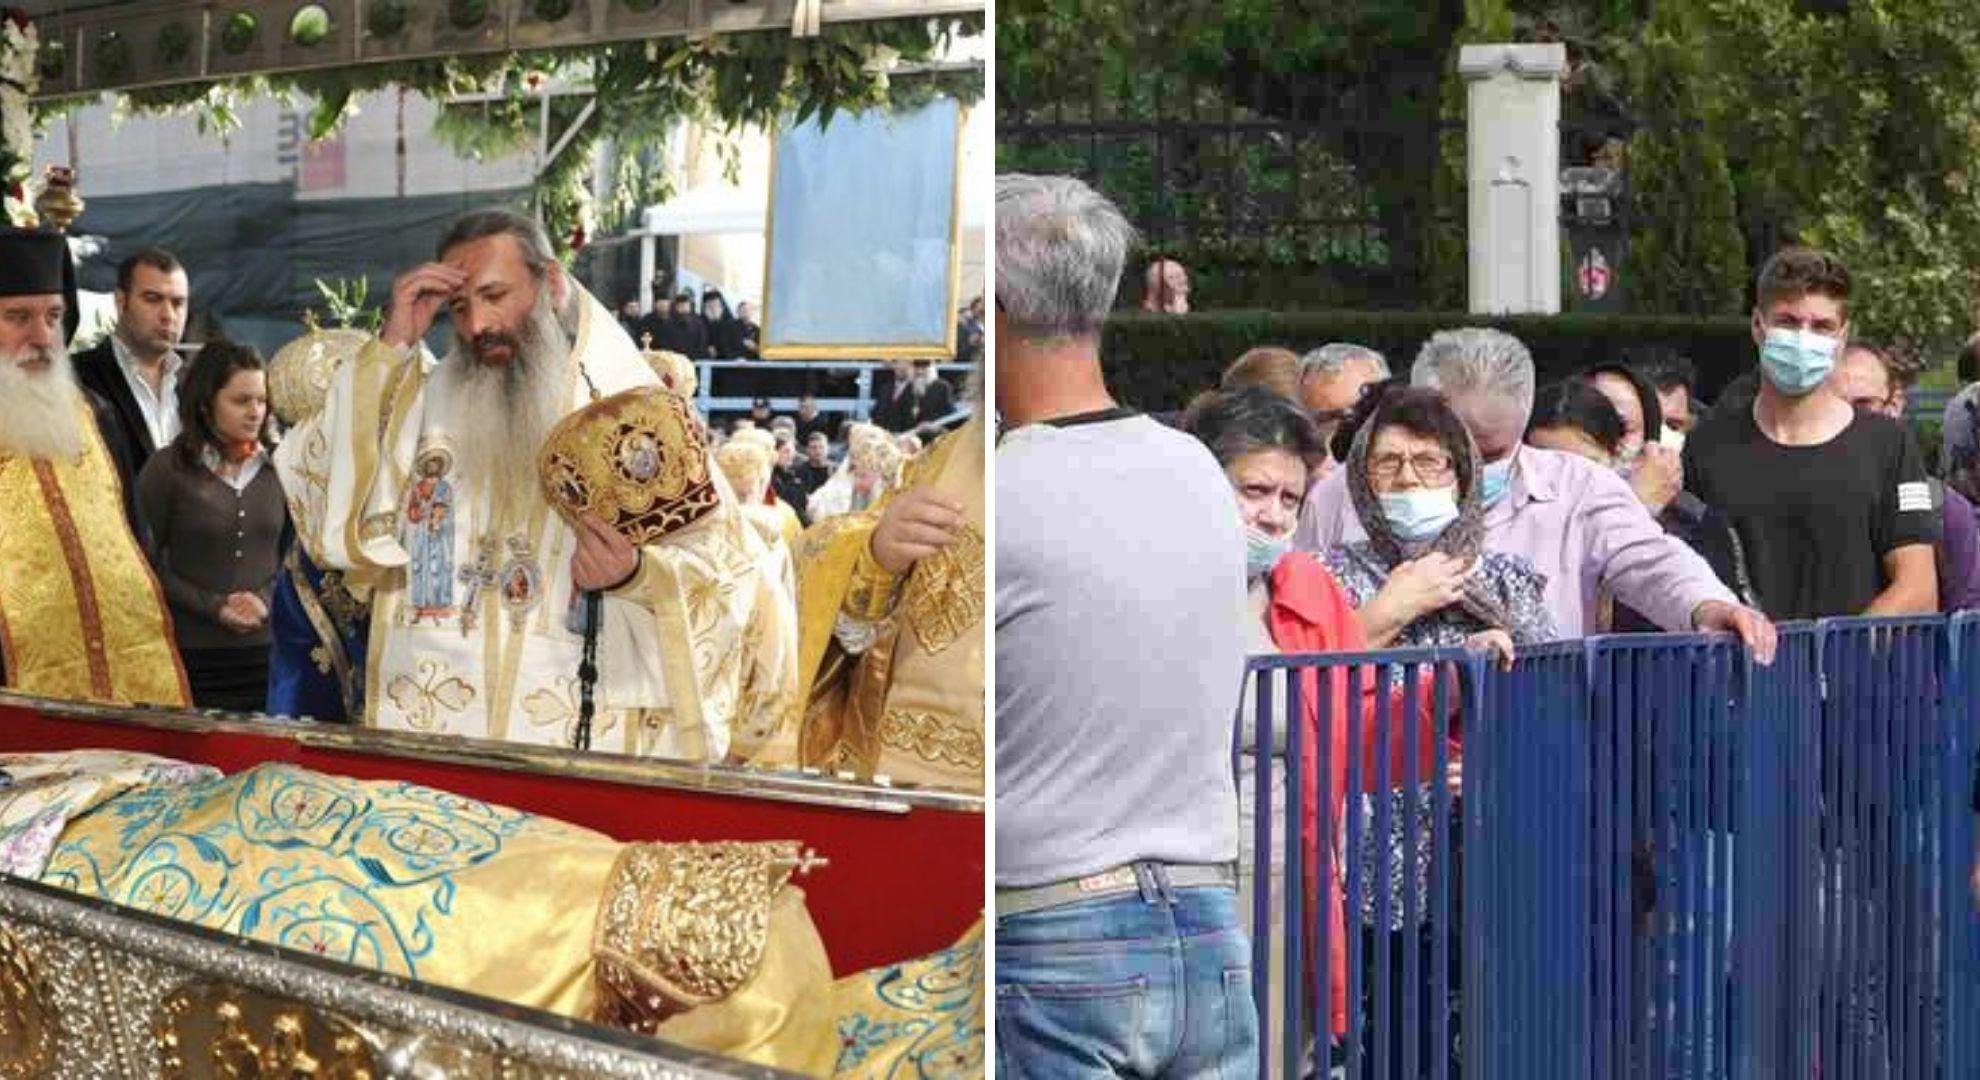 Racla cu moaștele Sfintei Parascheva nu va mai fi scoasă din Catedrală. Decizie istorică